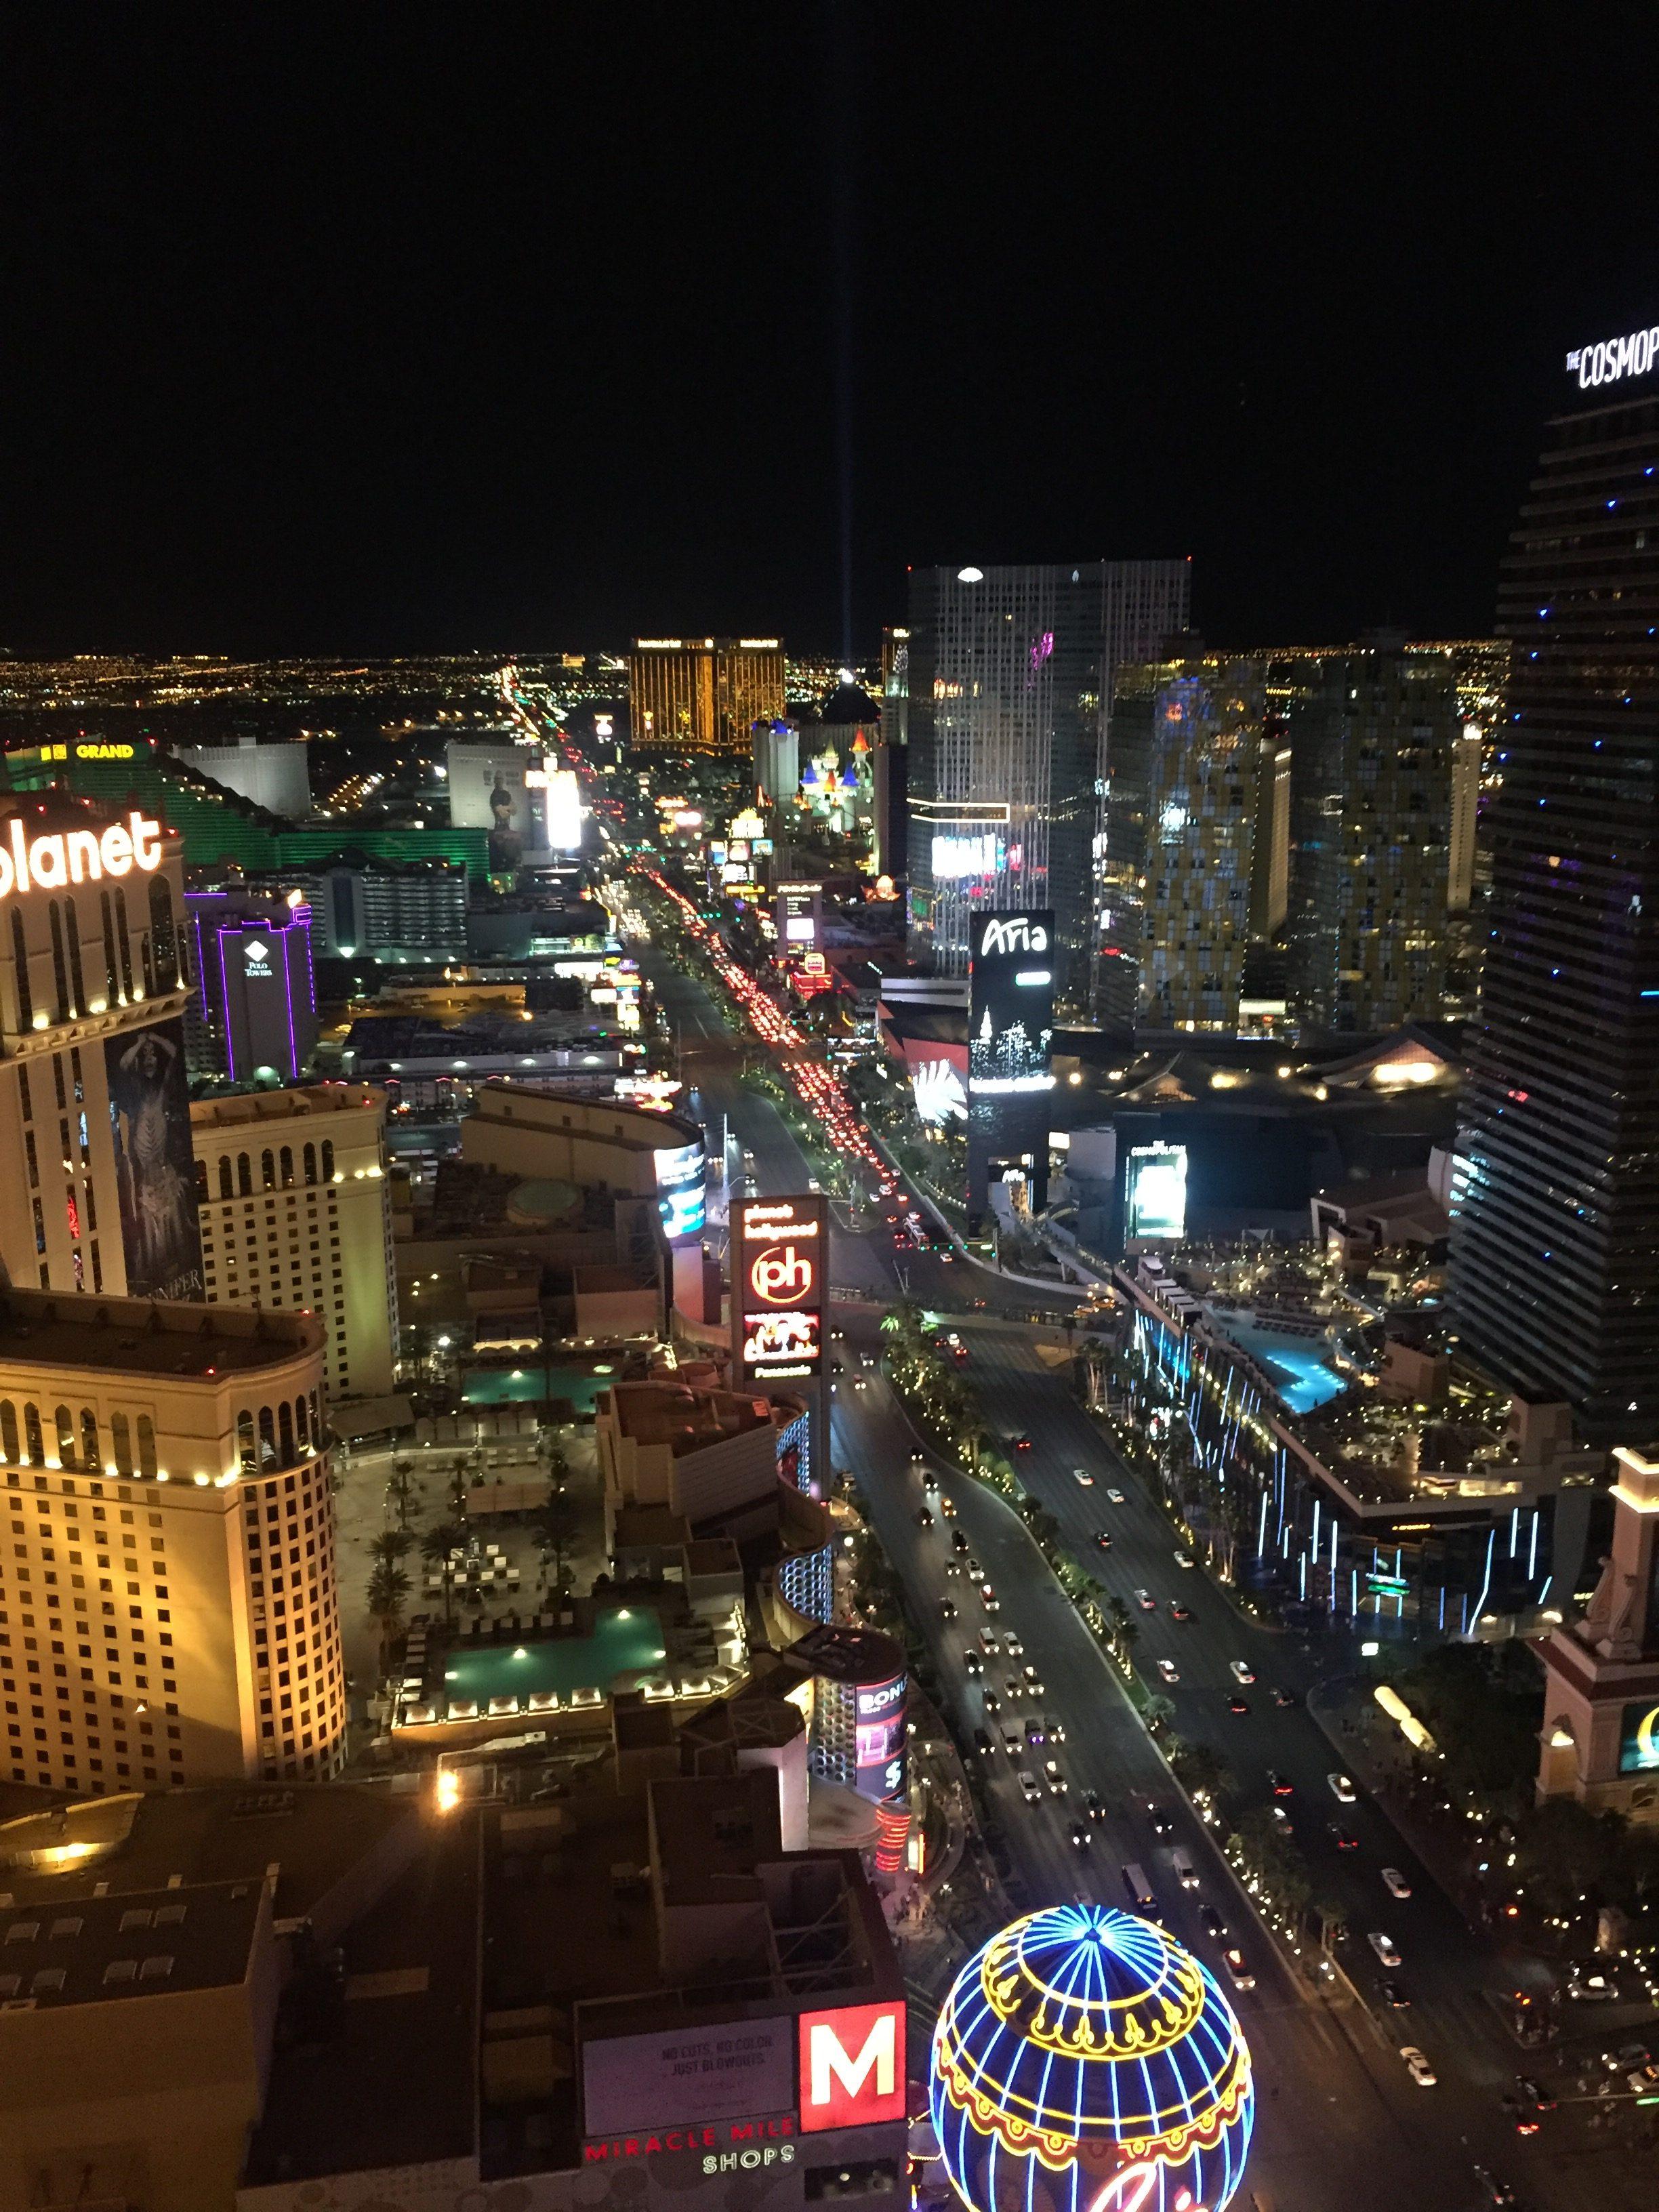 Las Vegas, the Strip